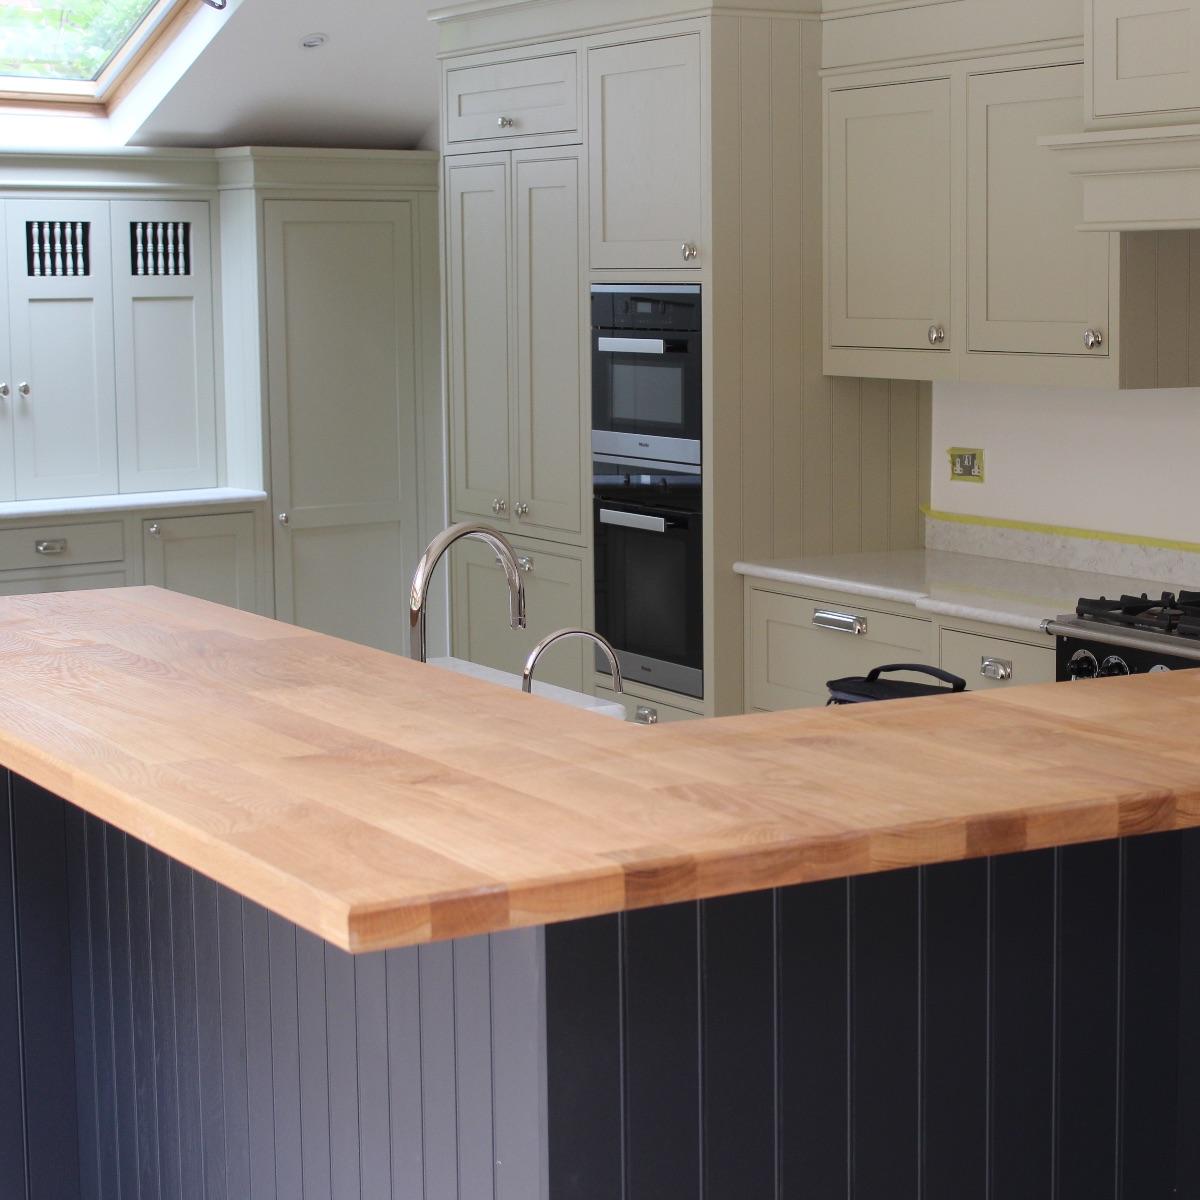 Property developed by PJ Construction